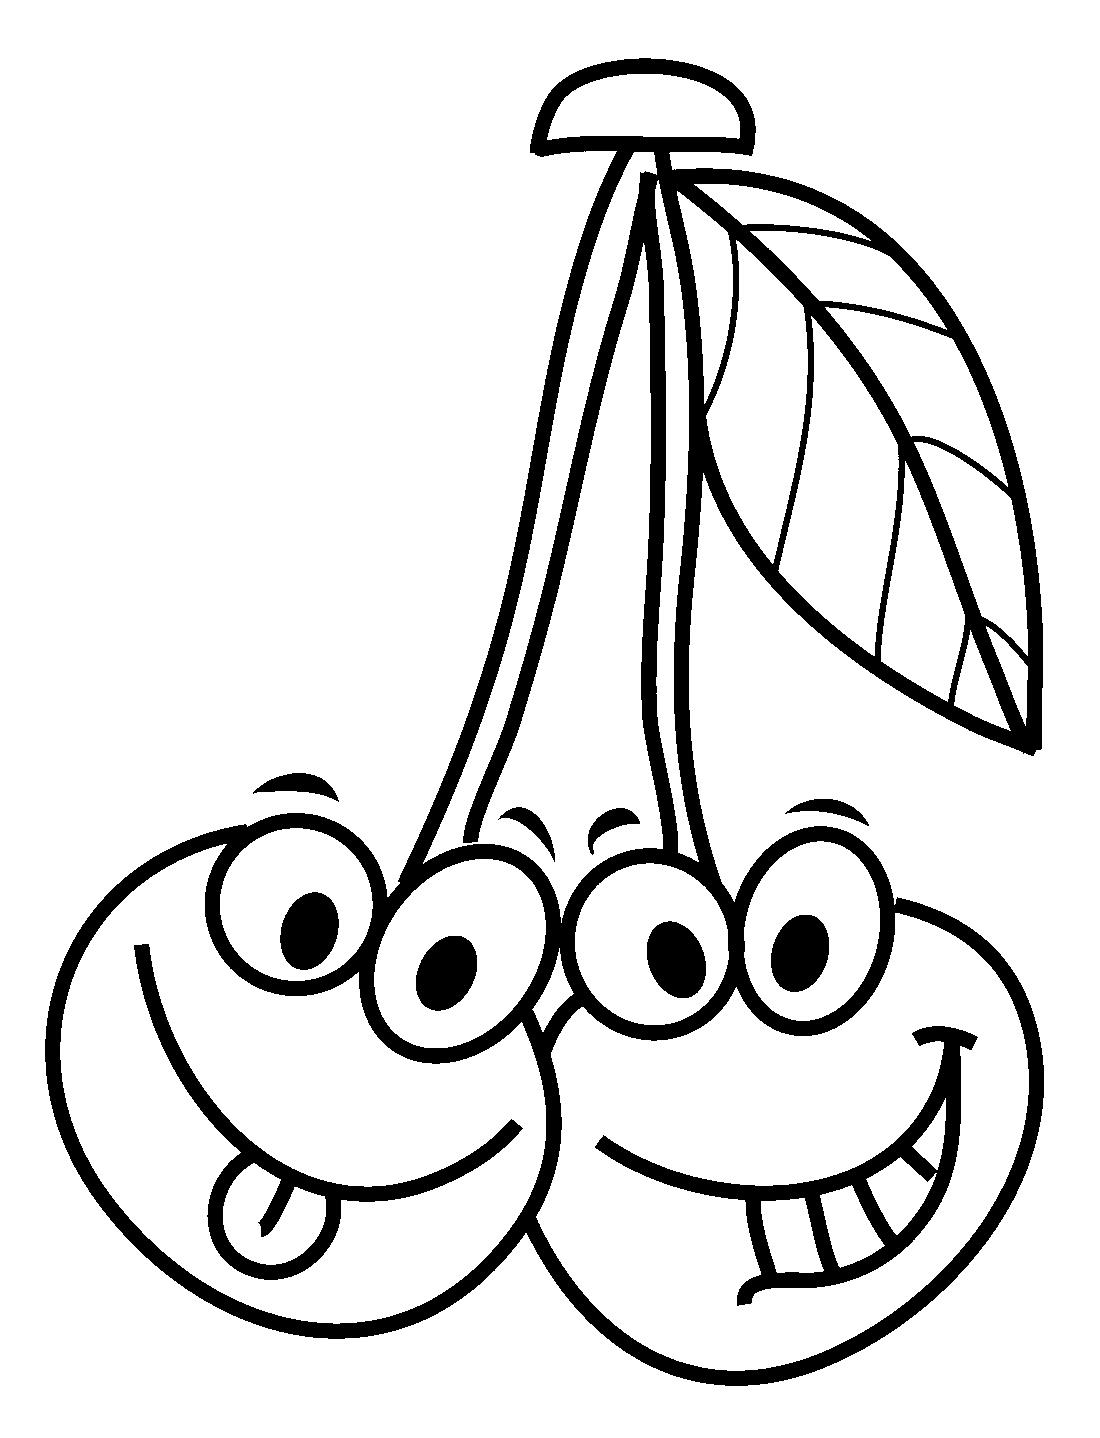 Картинка вишня для детей для раскрашивания